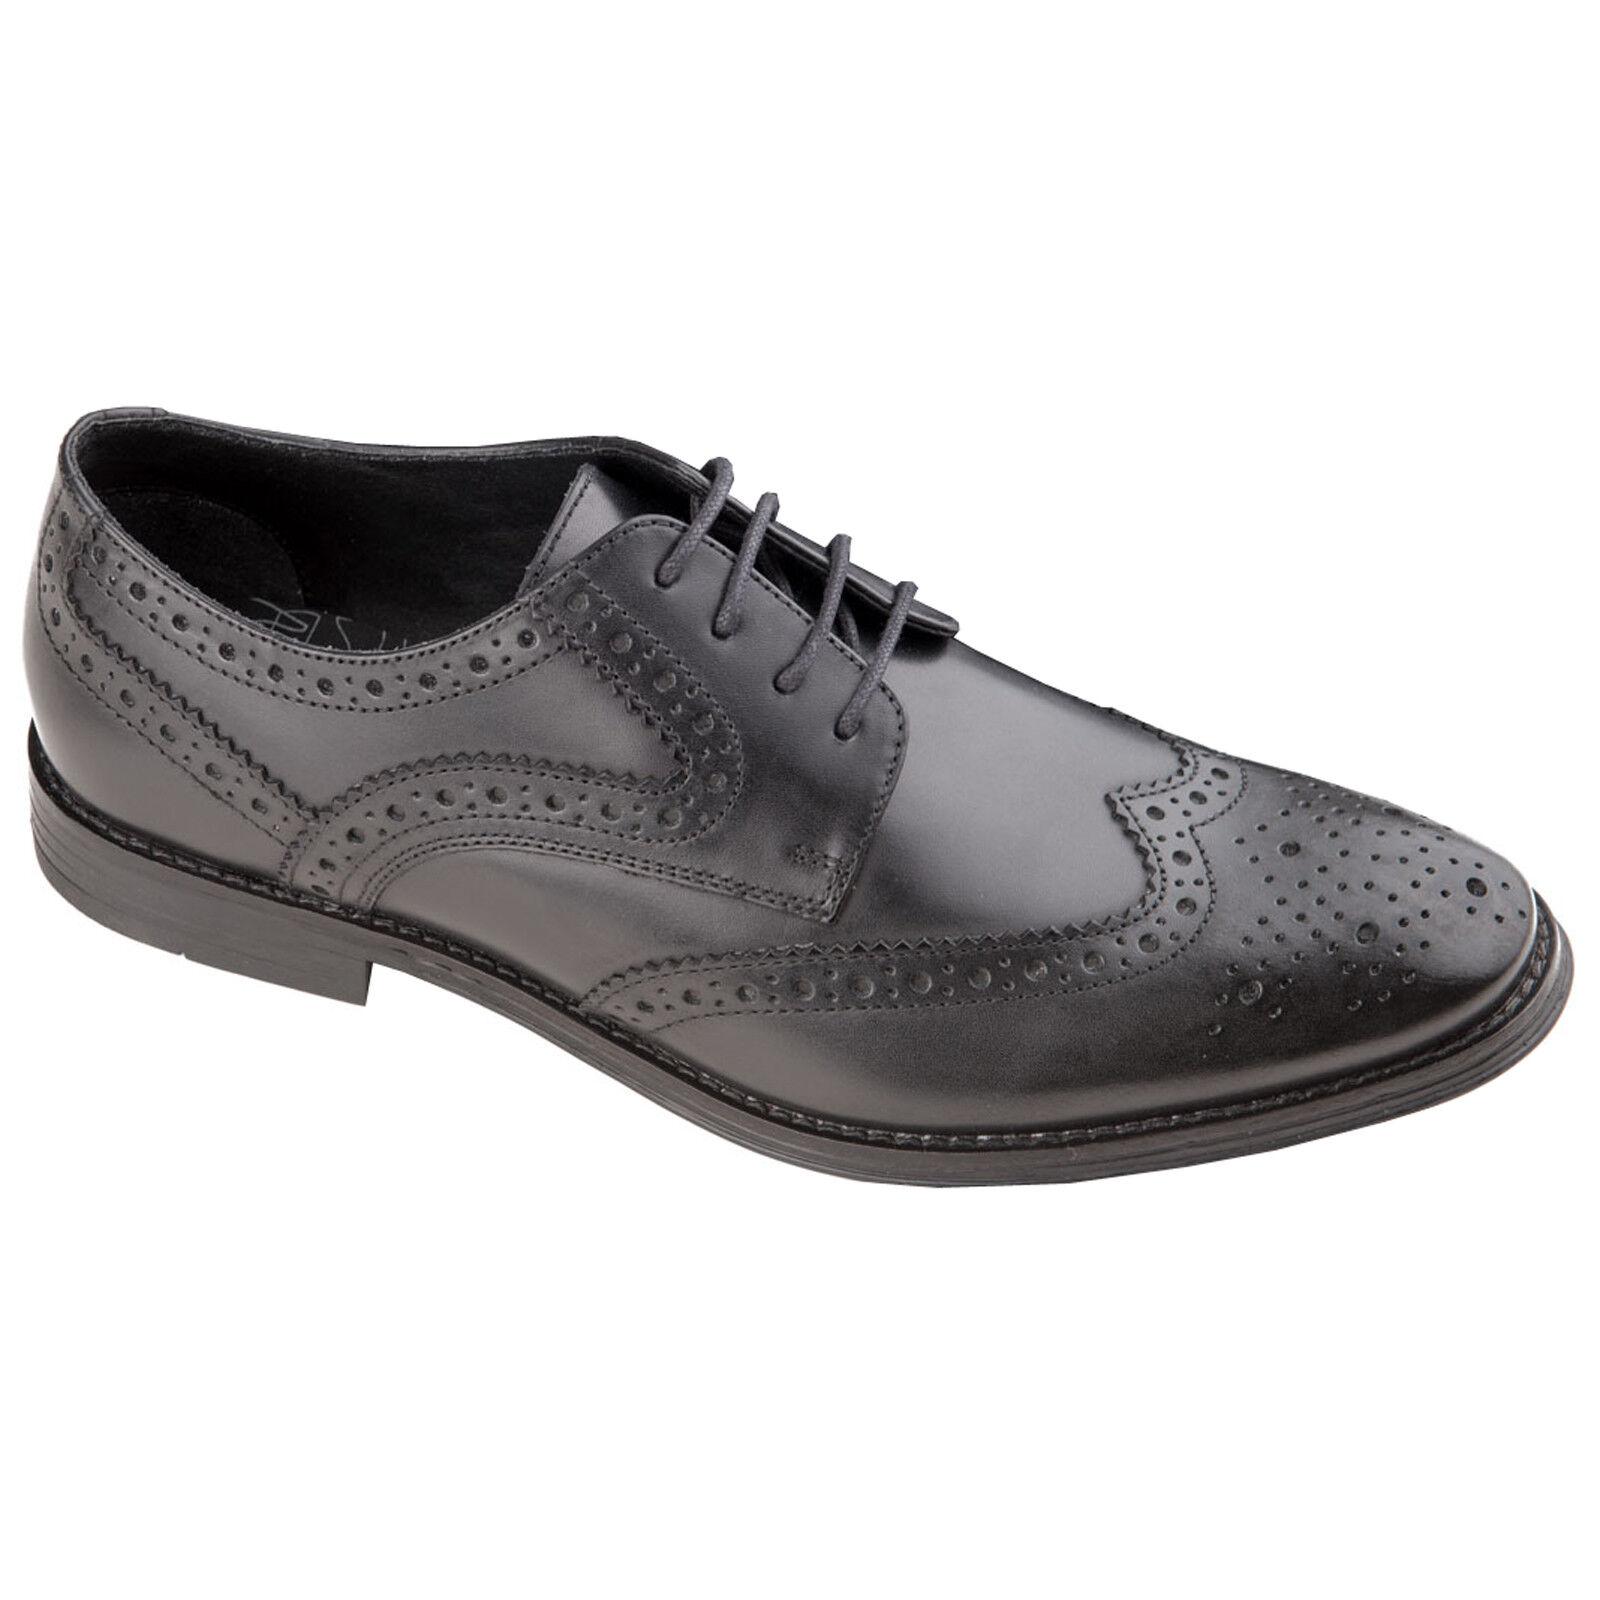 Zapatos para Hombre Ikon Parker Formal Inteligente